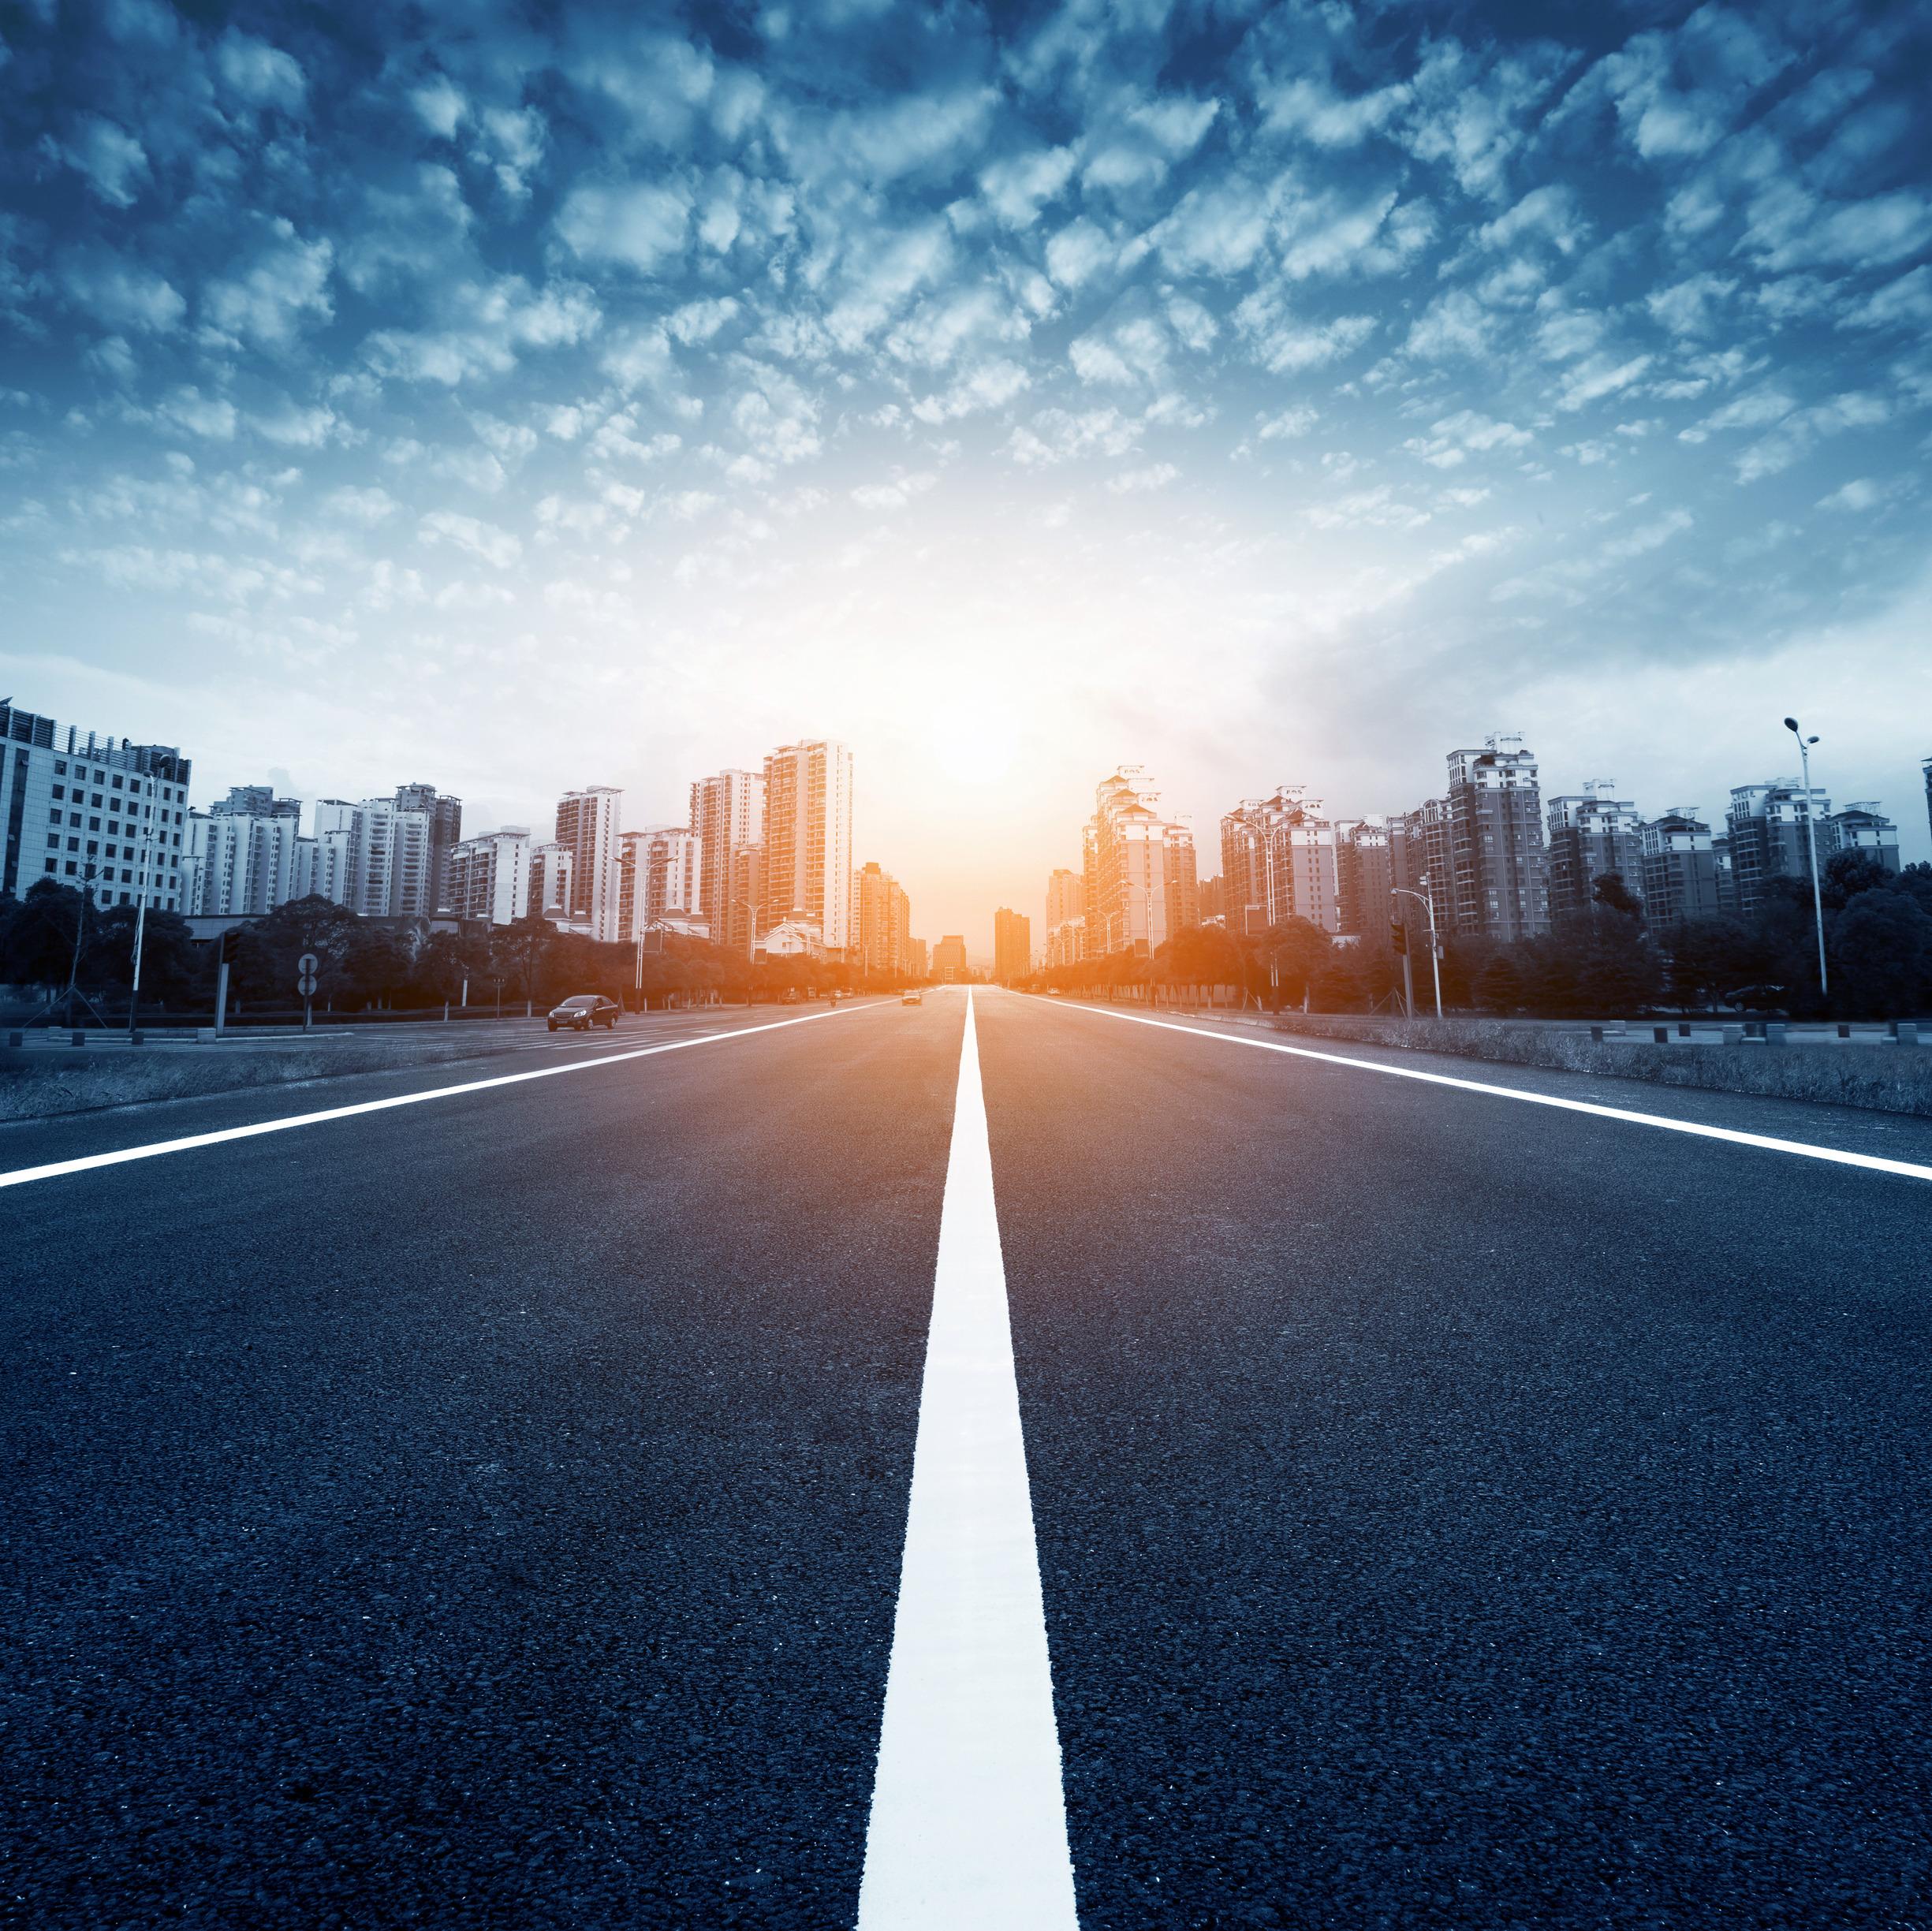 Дорога в городе — Road in the city